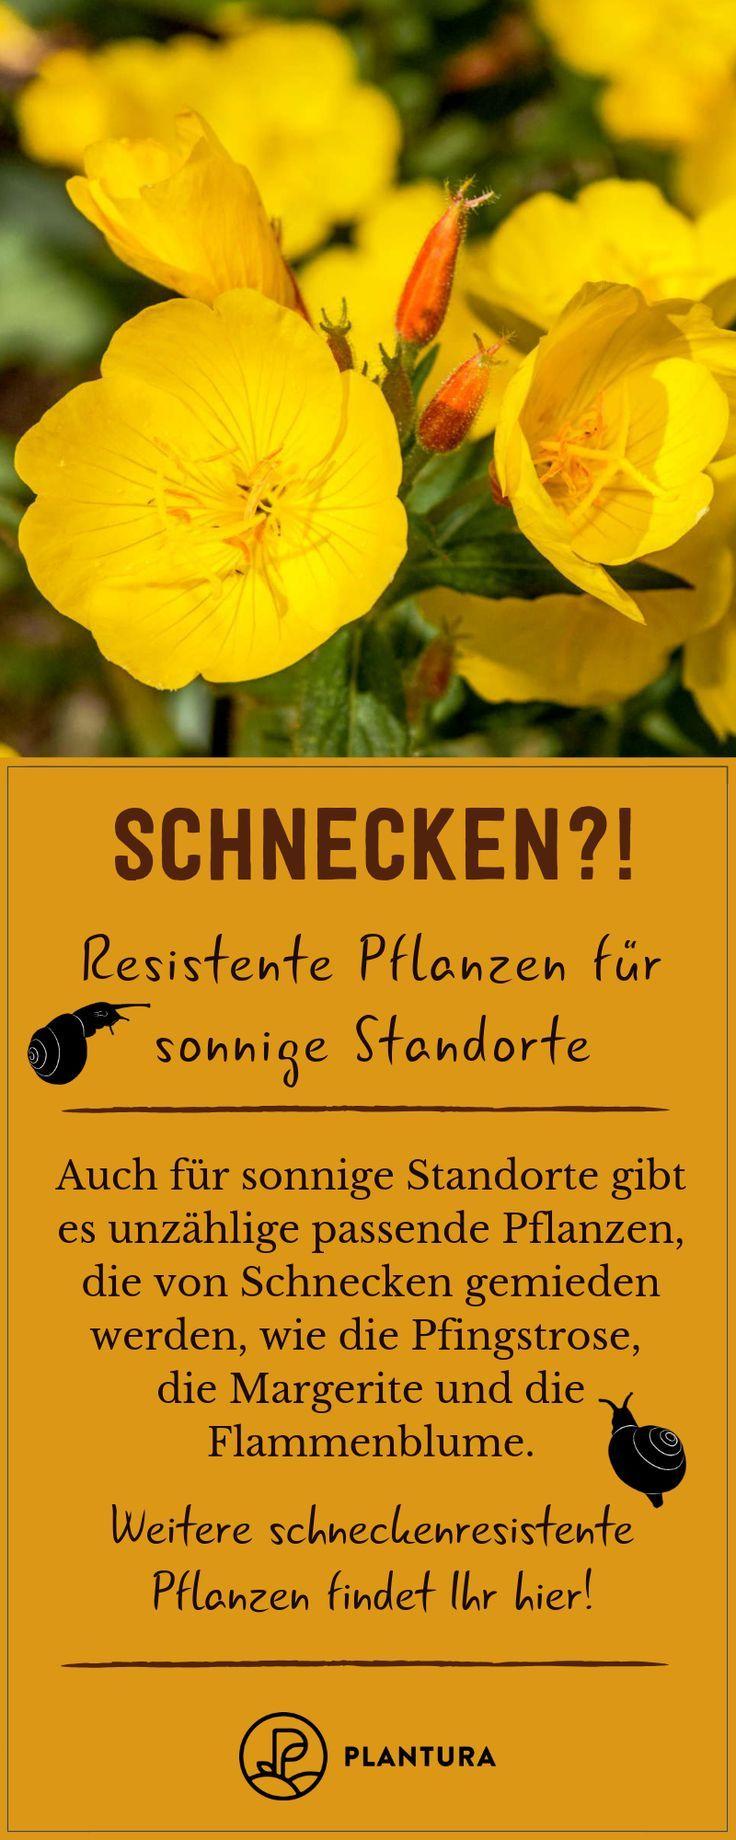 Schneckenresistente Pflanzen: Blumen, Stauden & Gemüse,  #Blumen #Gemüse #Pflanzen #Schnecken... #gemüsegartenanlegen